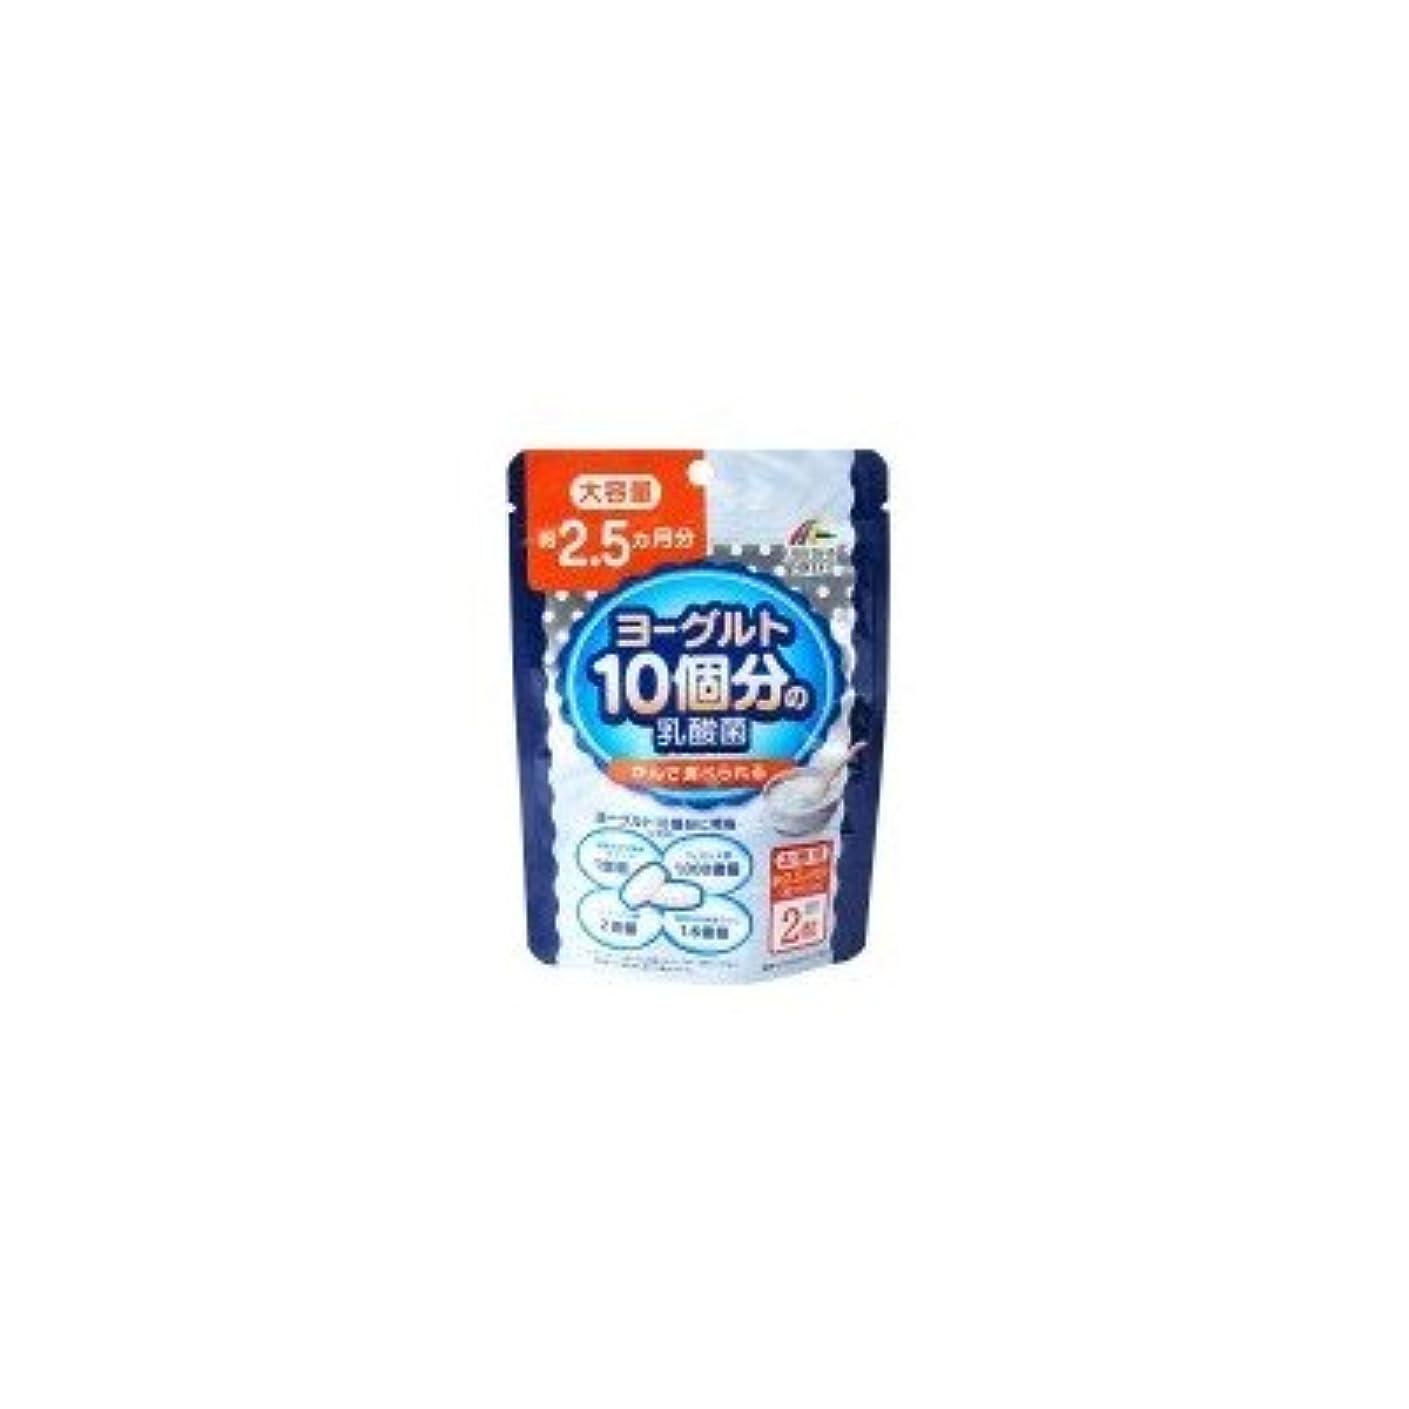 貧困マーキーソーセージヨーグルト10個分の乳酸菌 大容量 30.8g(200mg×154粒)